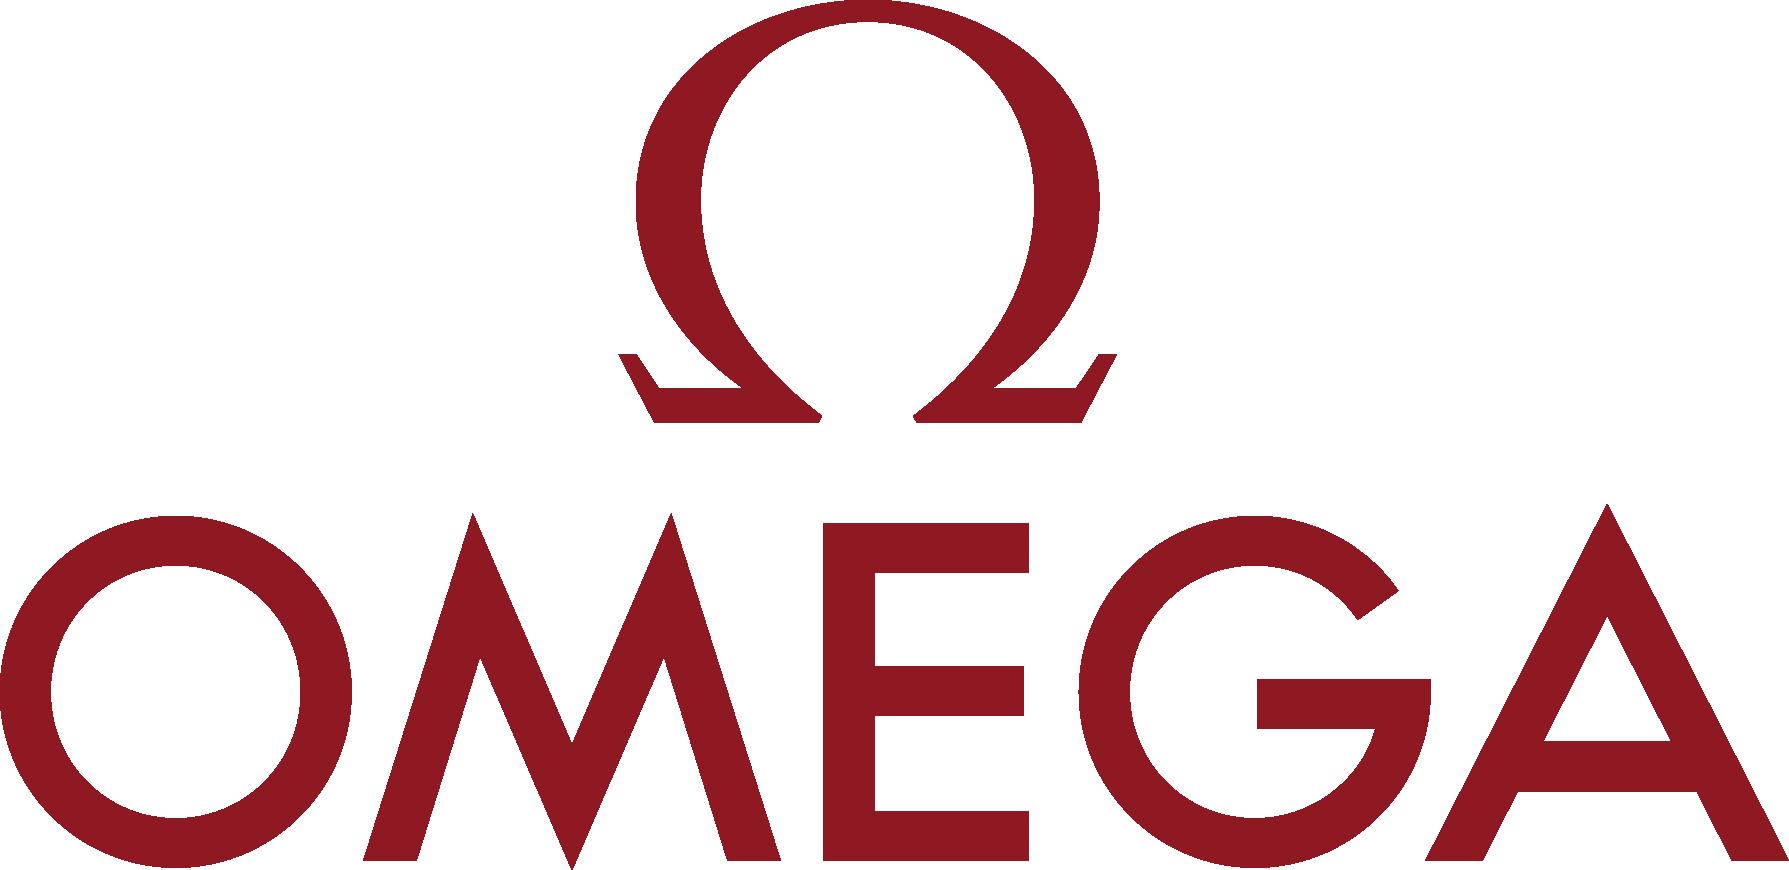 Omega_red_CMYK.png